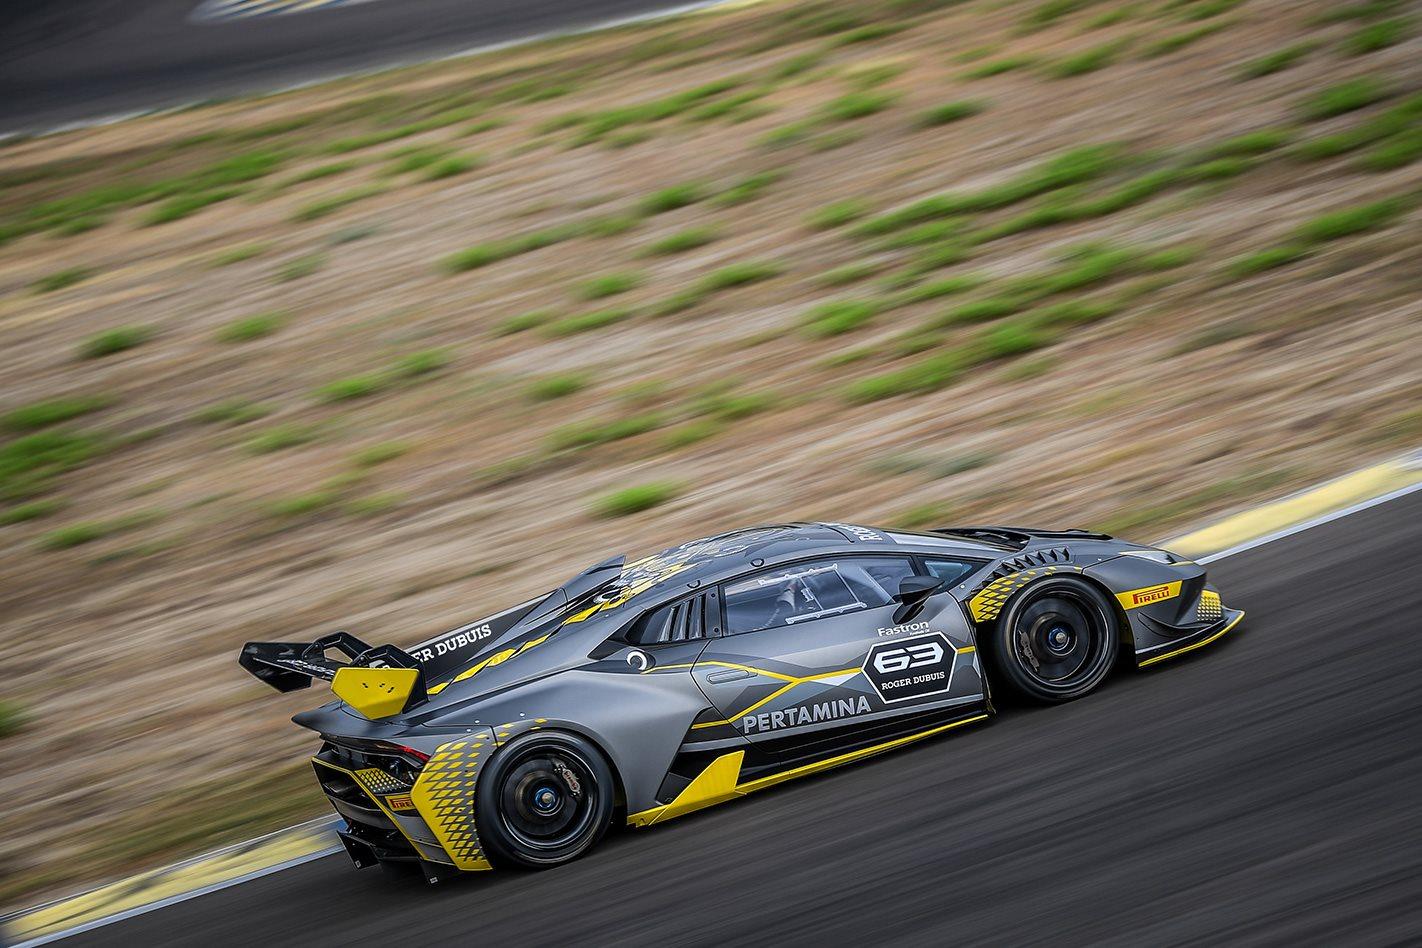 Lamborghini-Huracán-Super-Trofeo-side.jpg